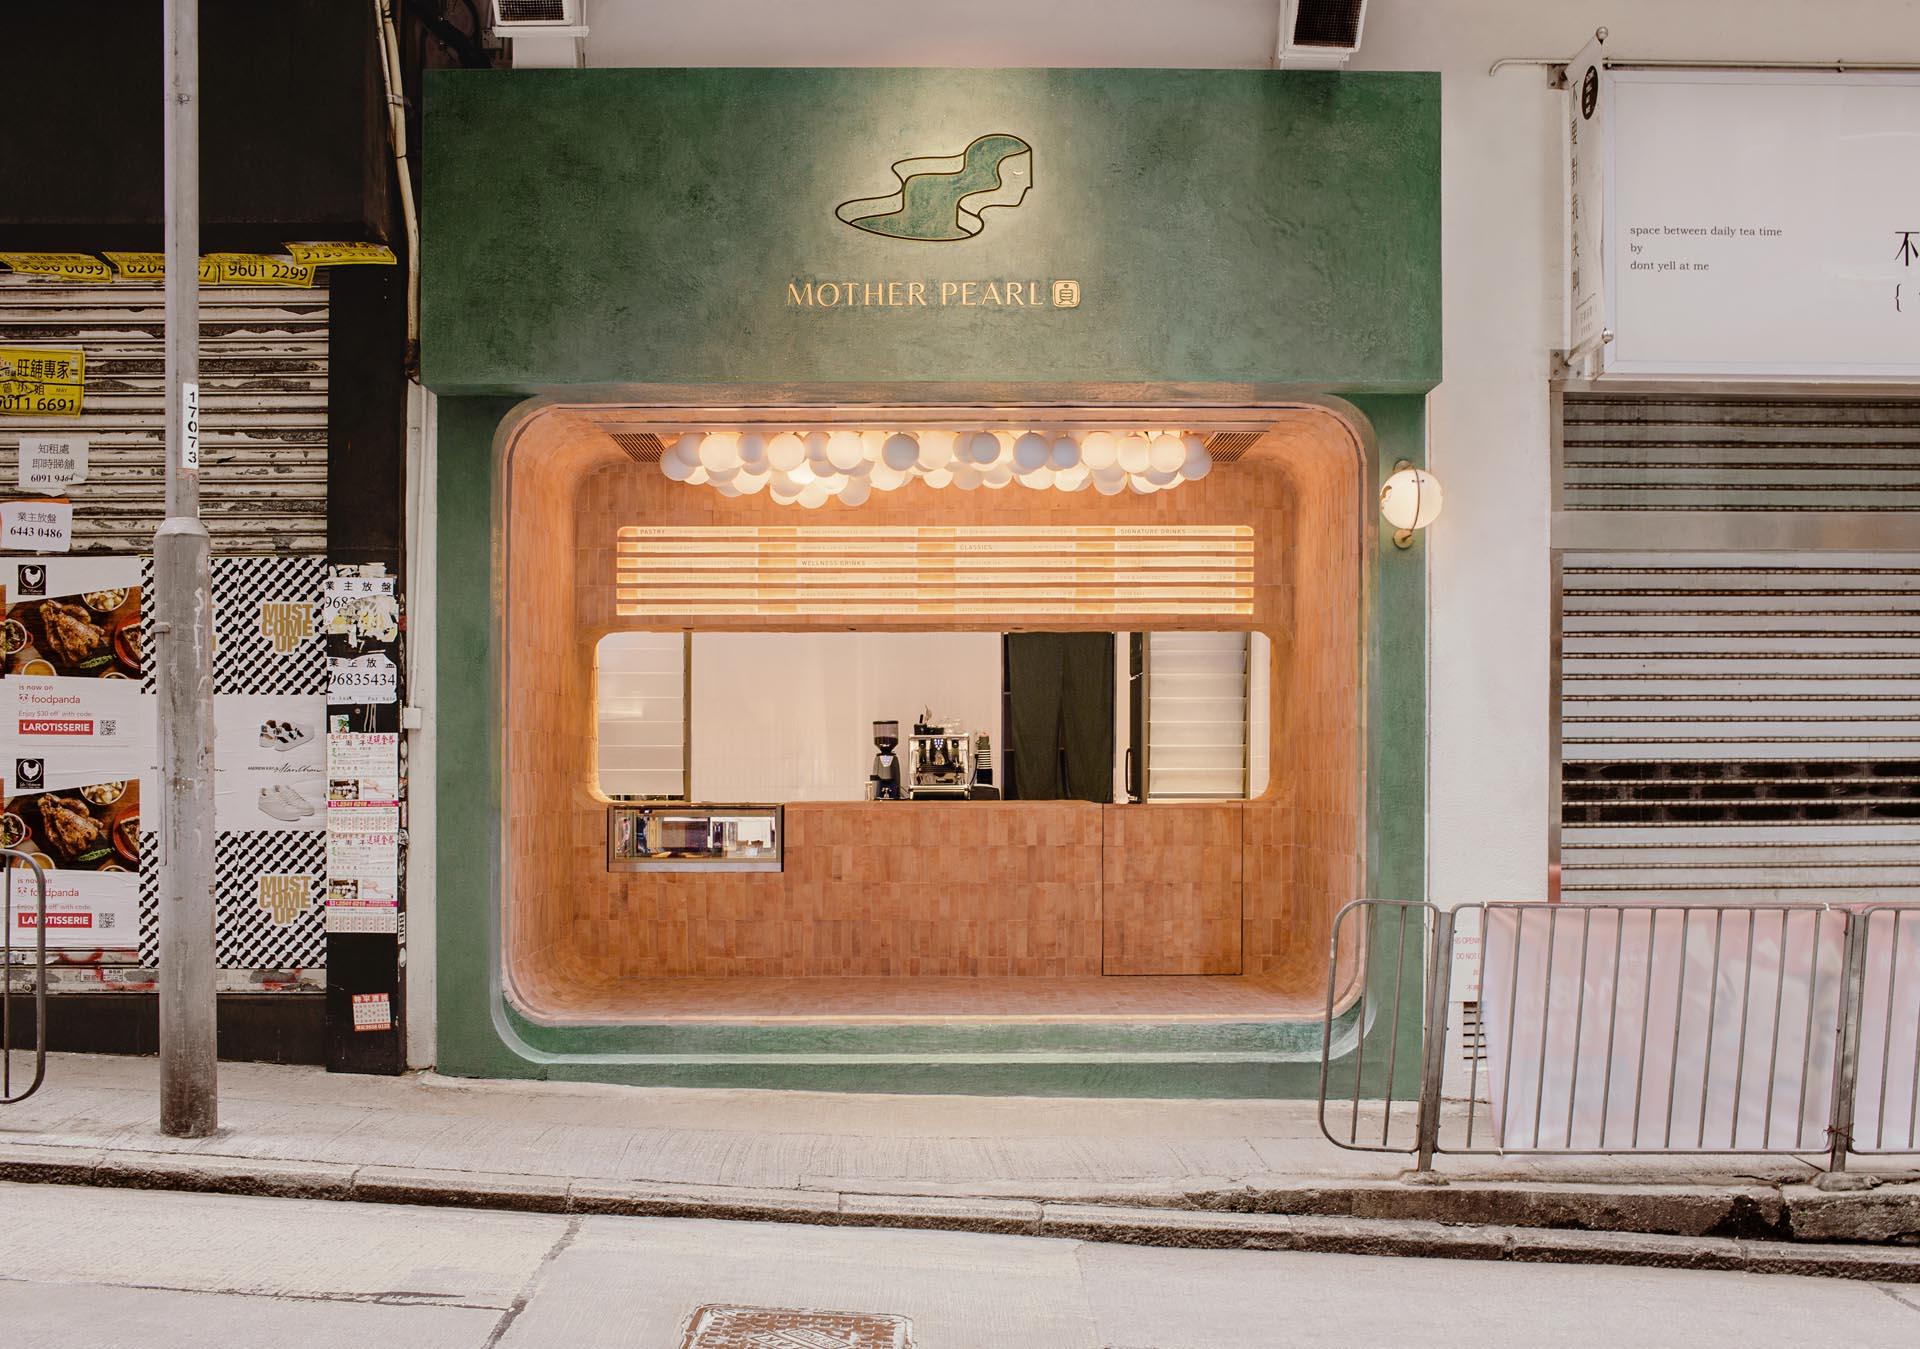 חנות תה קטנה:Bubble Tea Shop בהונג קונג